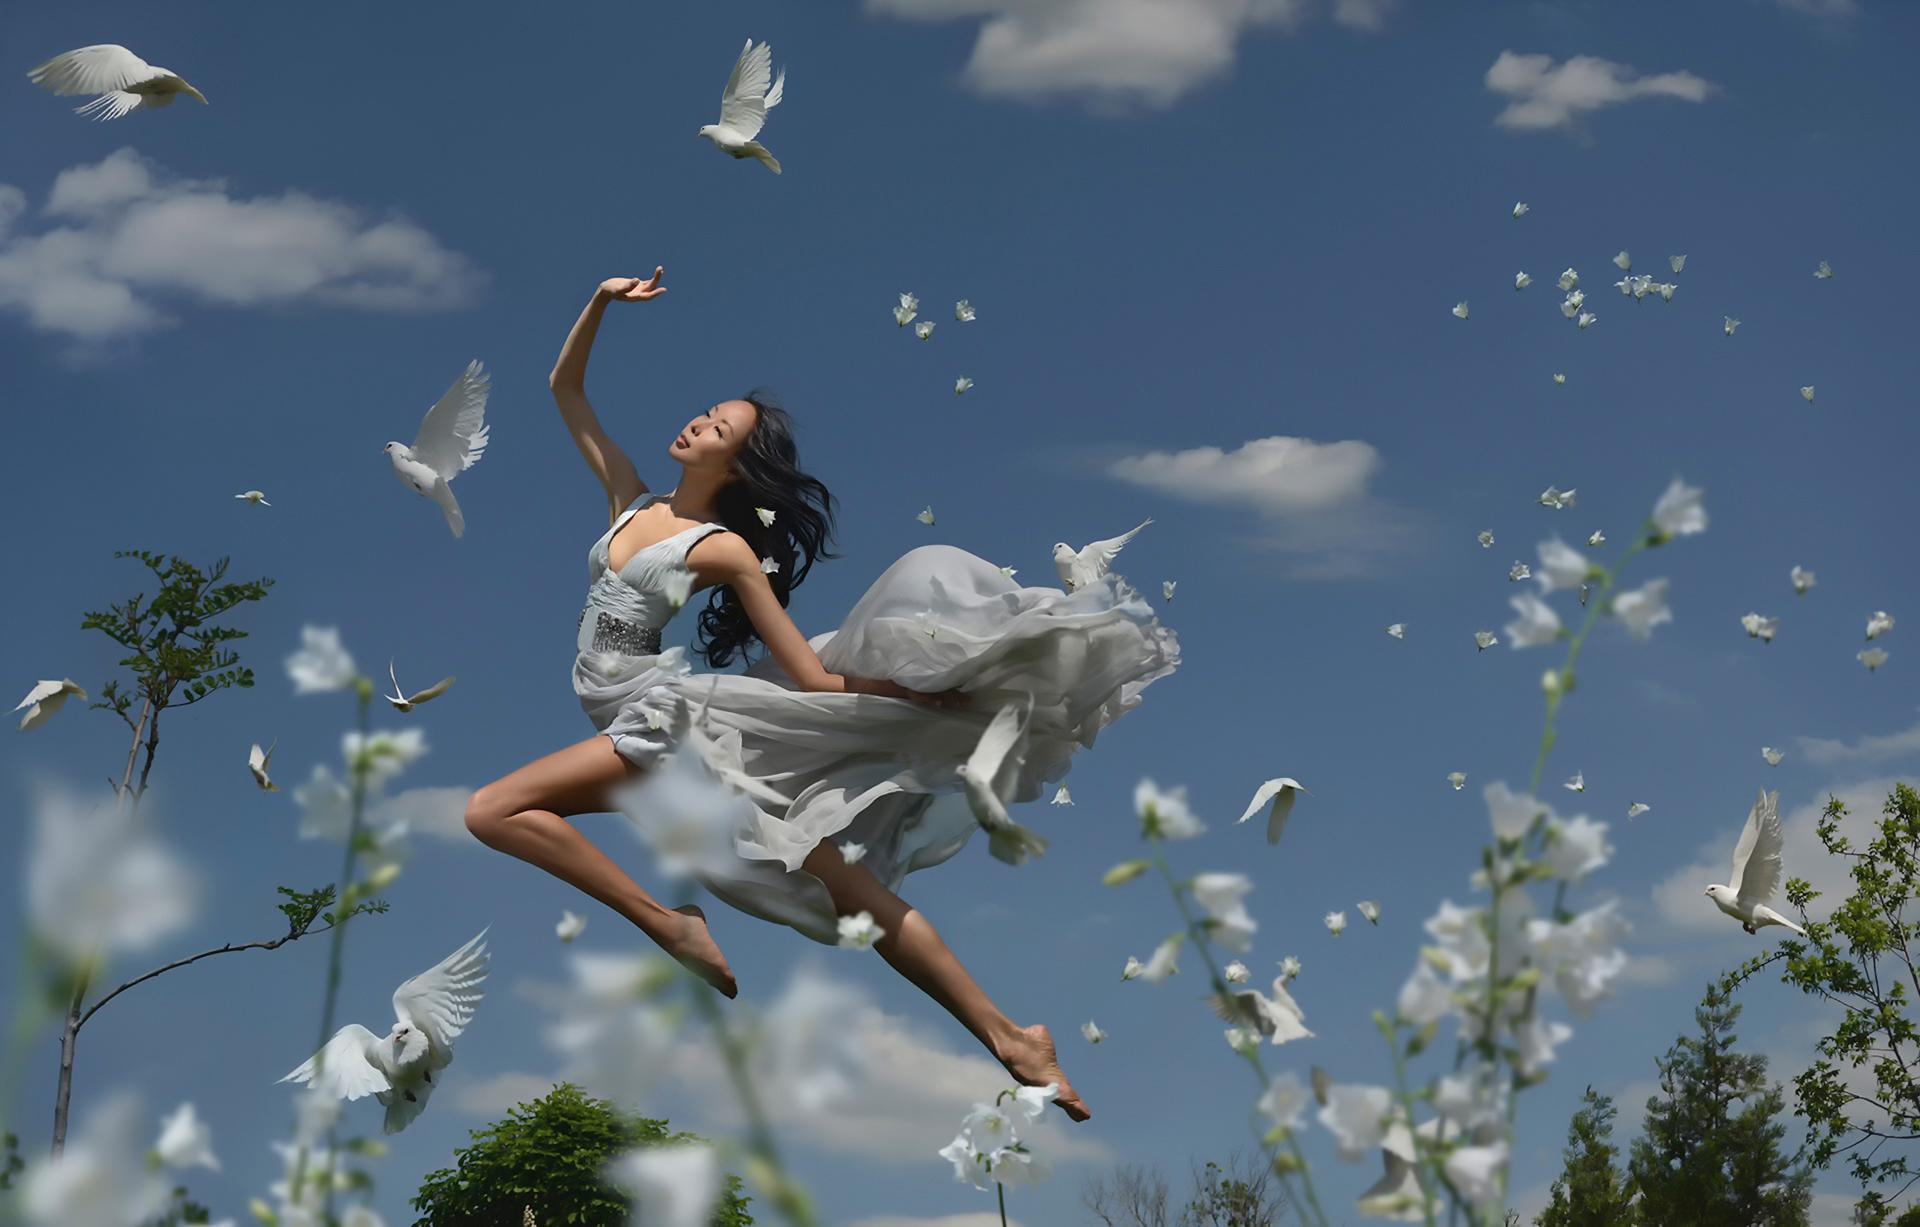 Картинка хочу летать, картинки